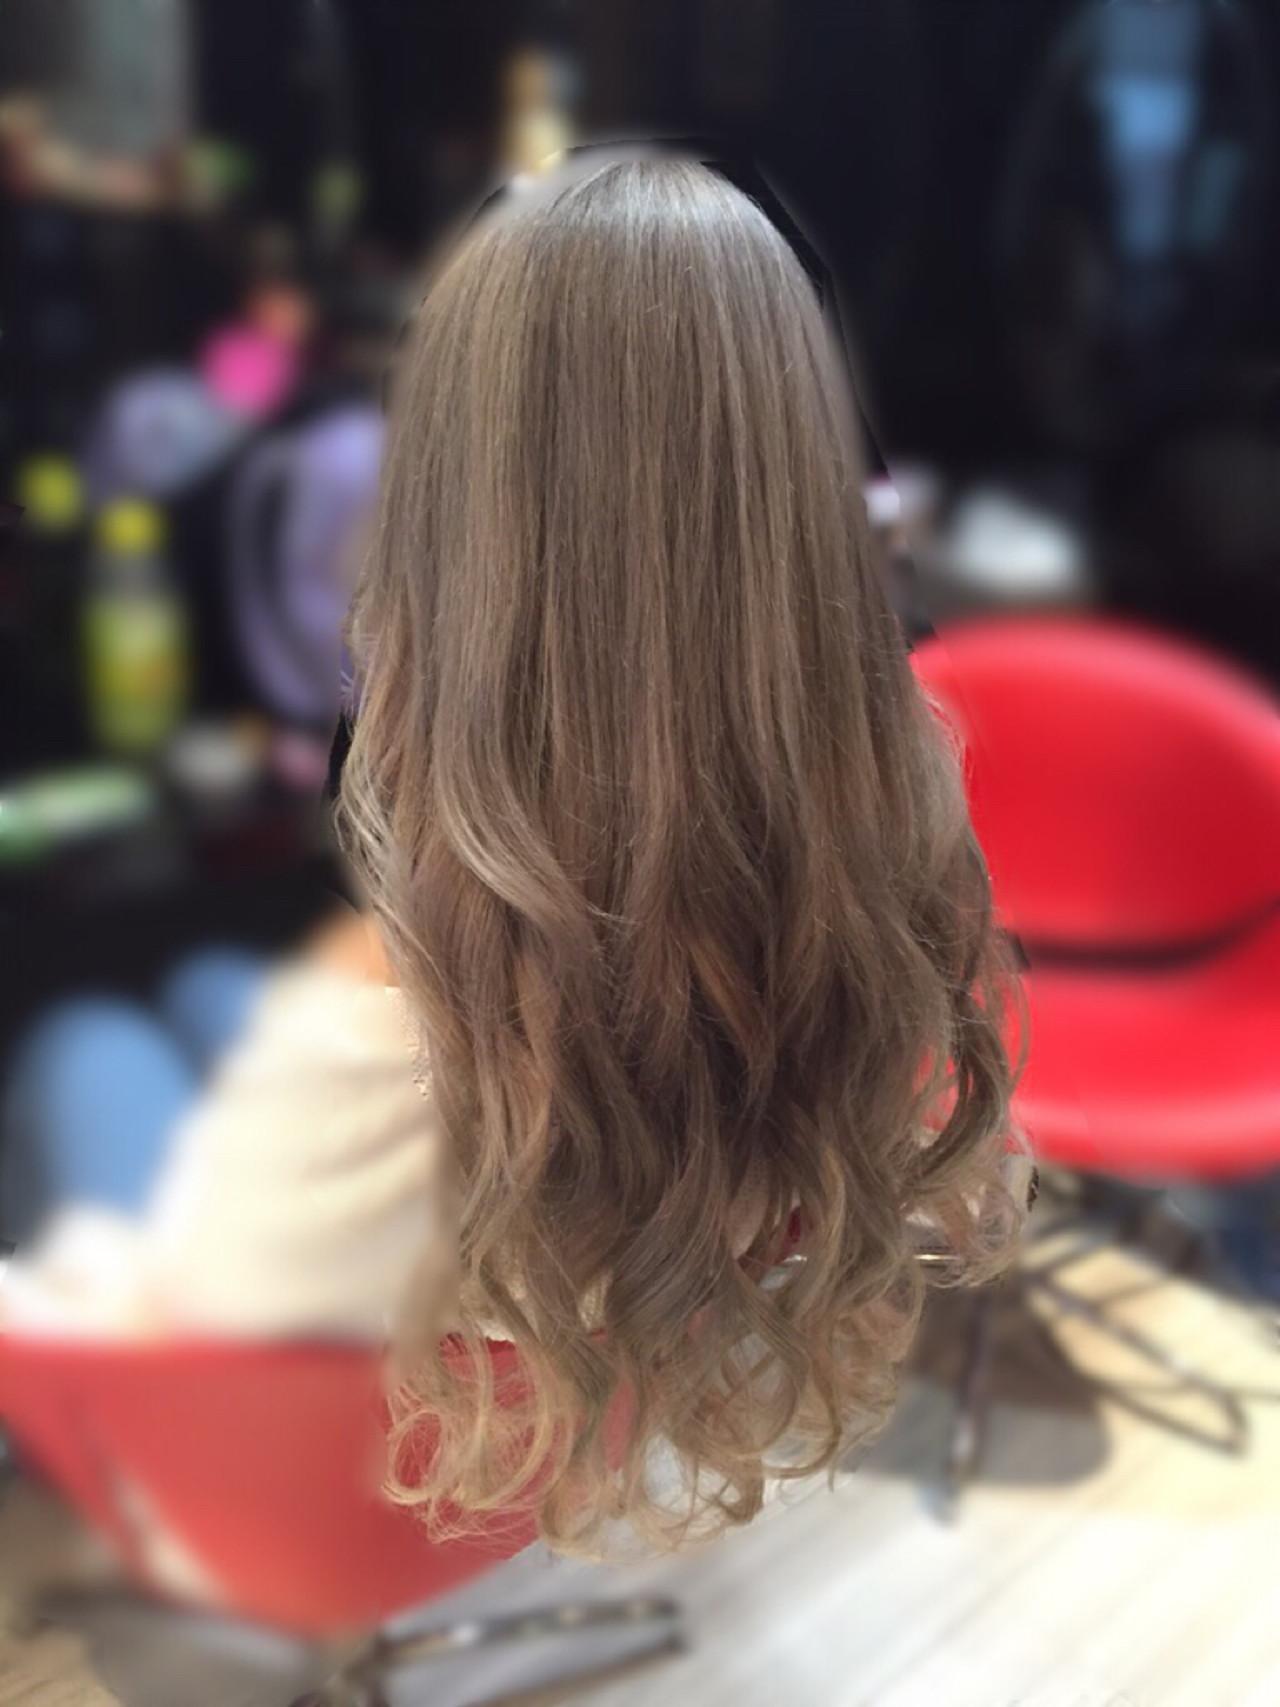 ミルクティーベージュ ヌーディベージュ ストリート アッシュ ヘアスタイルや髪型の写真・画像